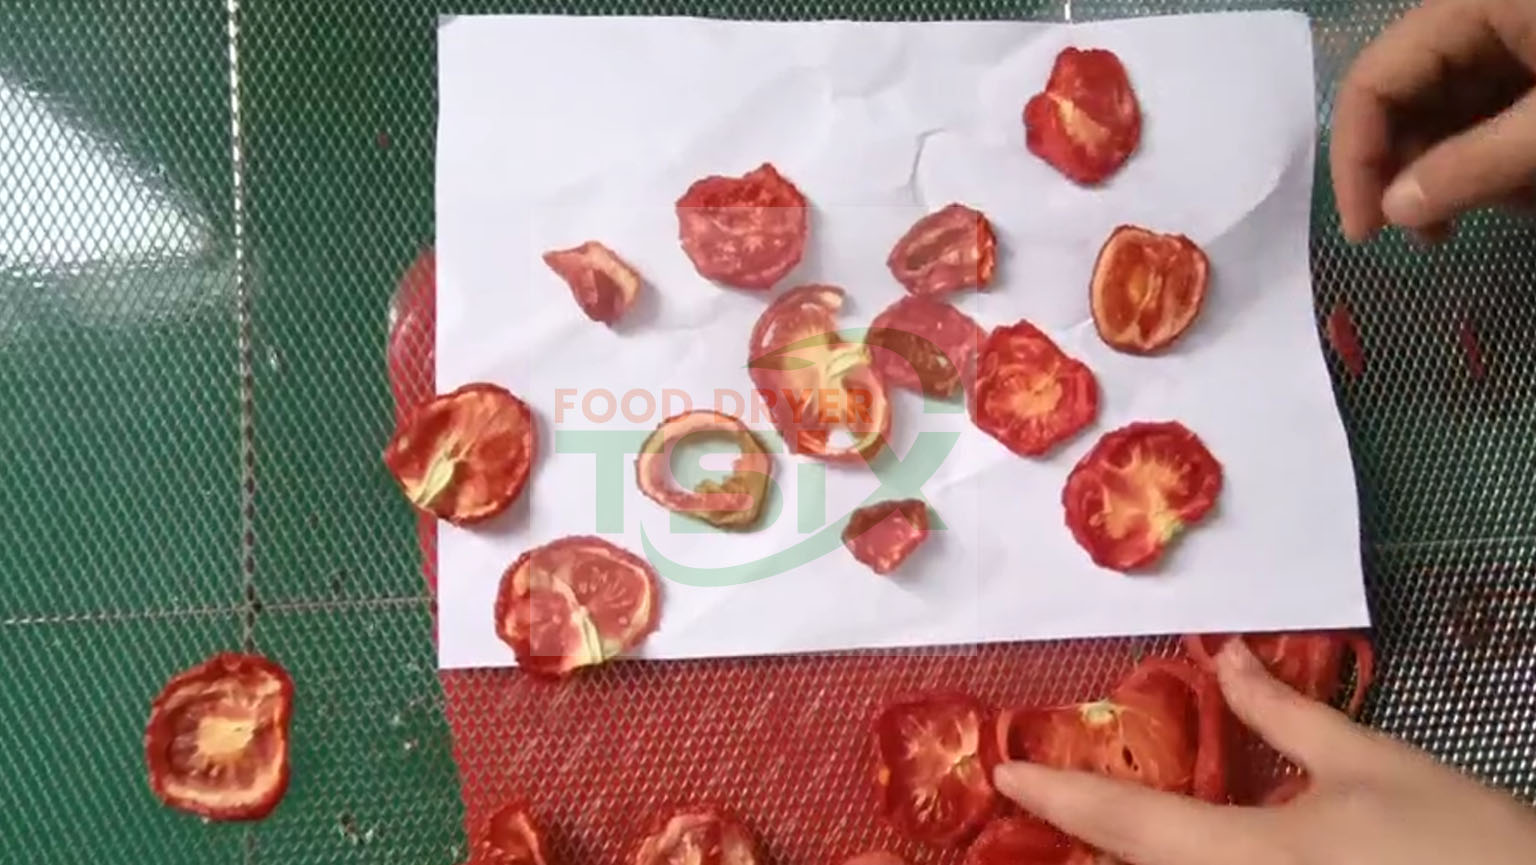 TSIX 300kg 토마토 건조기 상업적인 토마토 탈수기 기계-DPHG030S-G